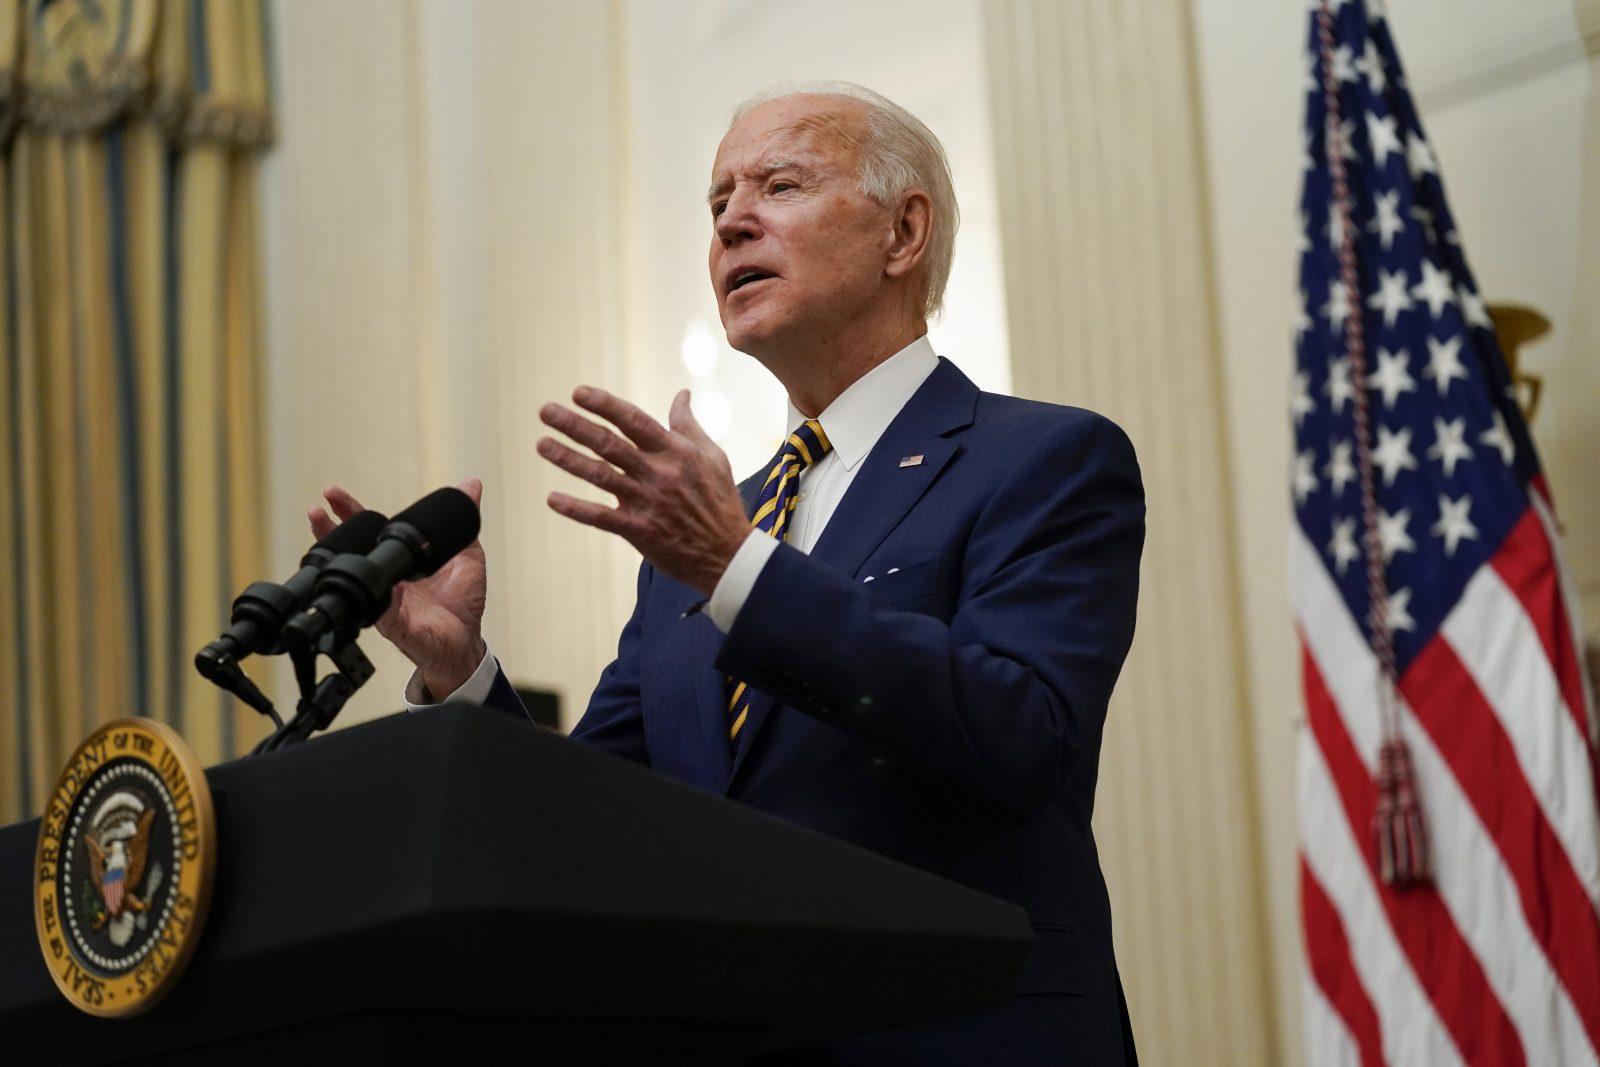 US-Präsident Joe Biden hebt den Beschluß seines Vorgängers Donald Trump zu Transgendern im US-Militär auf Foto: picture alliance / ASSOCIATED PRESS | Evan Vucci